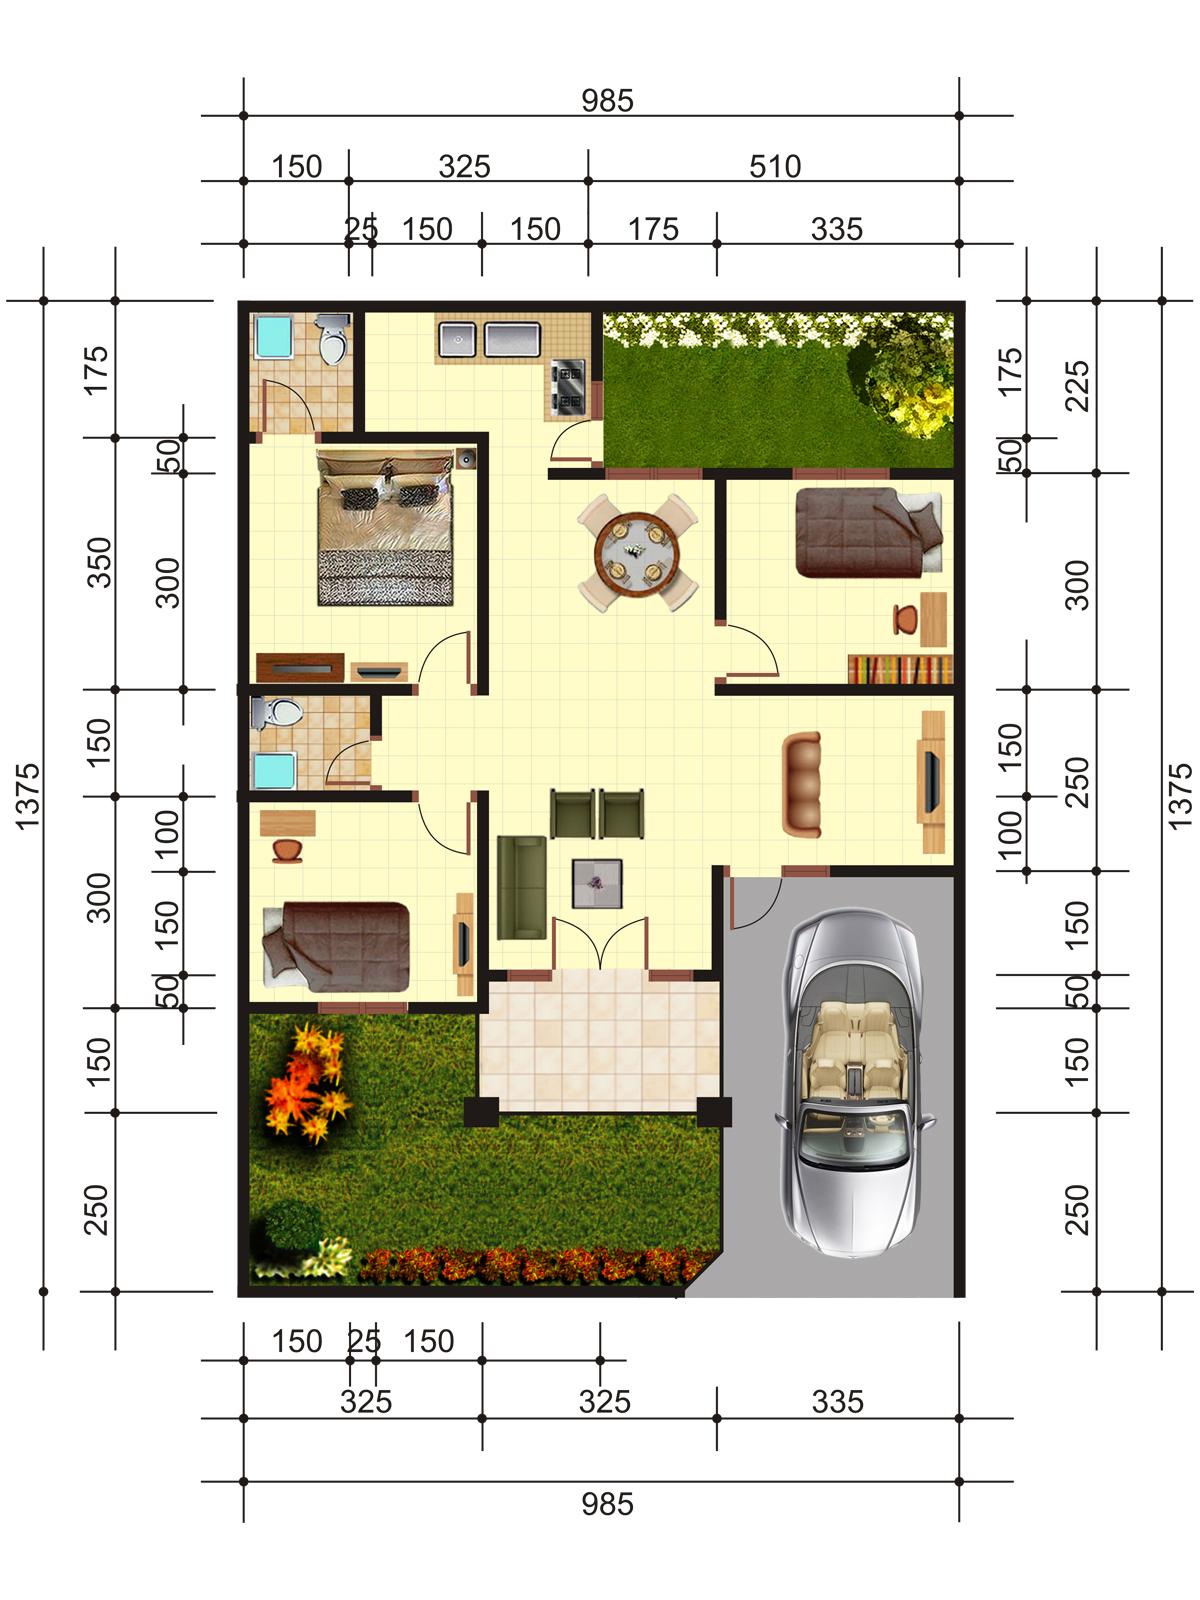 Gambar Desain Rumah Minimalis Type 70 3 Kamar Tidur Terbaru Desain